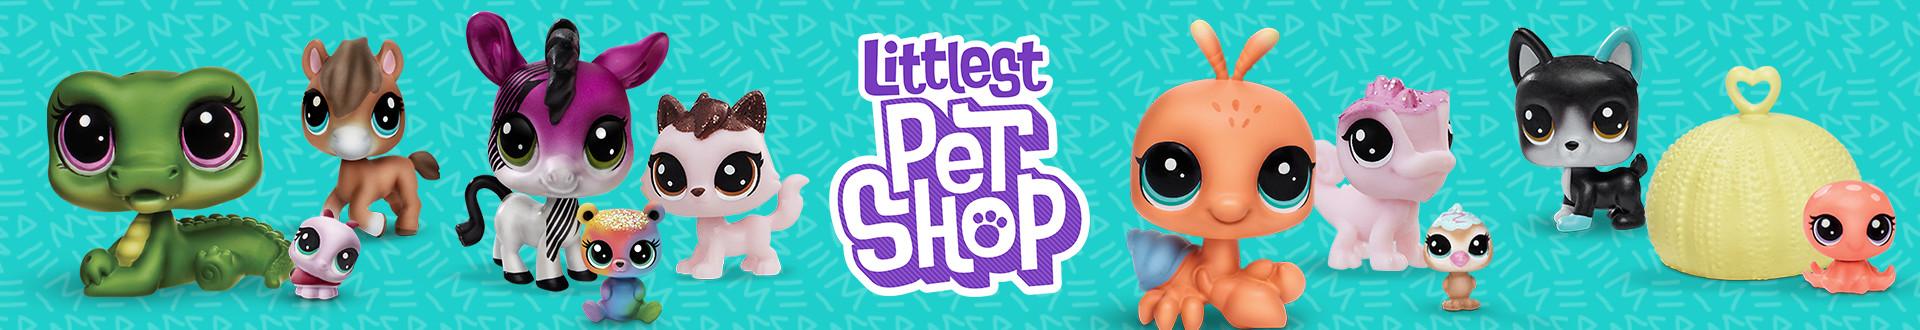 pgp_littlestpetshop